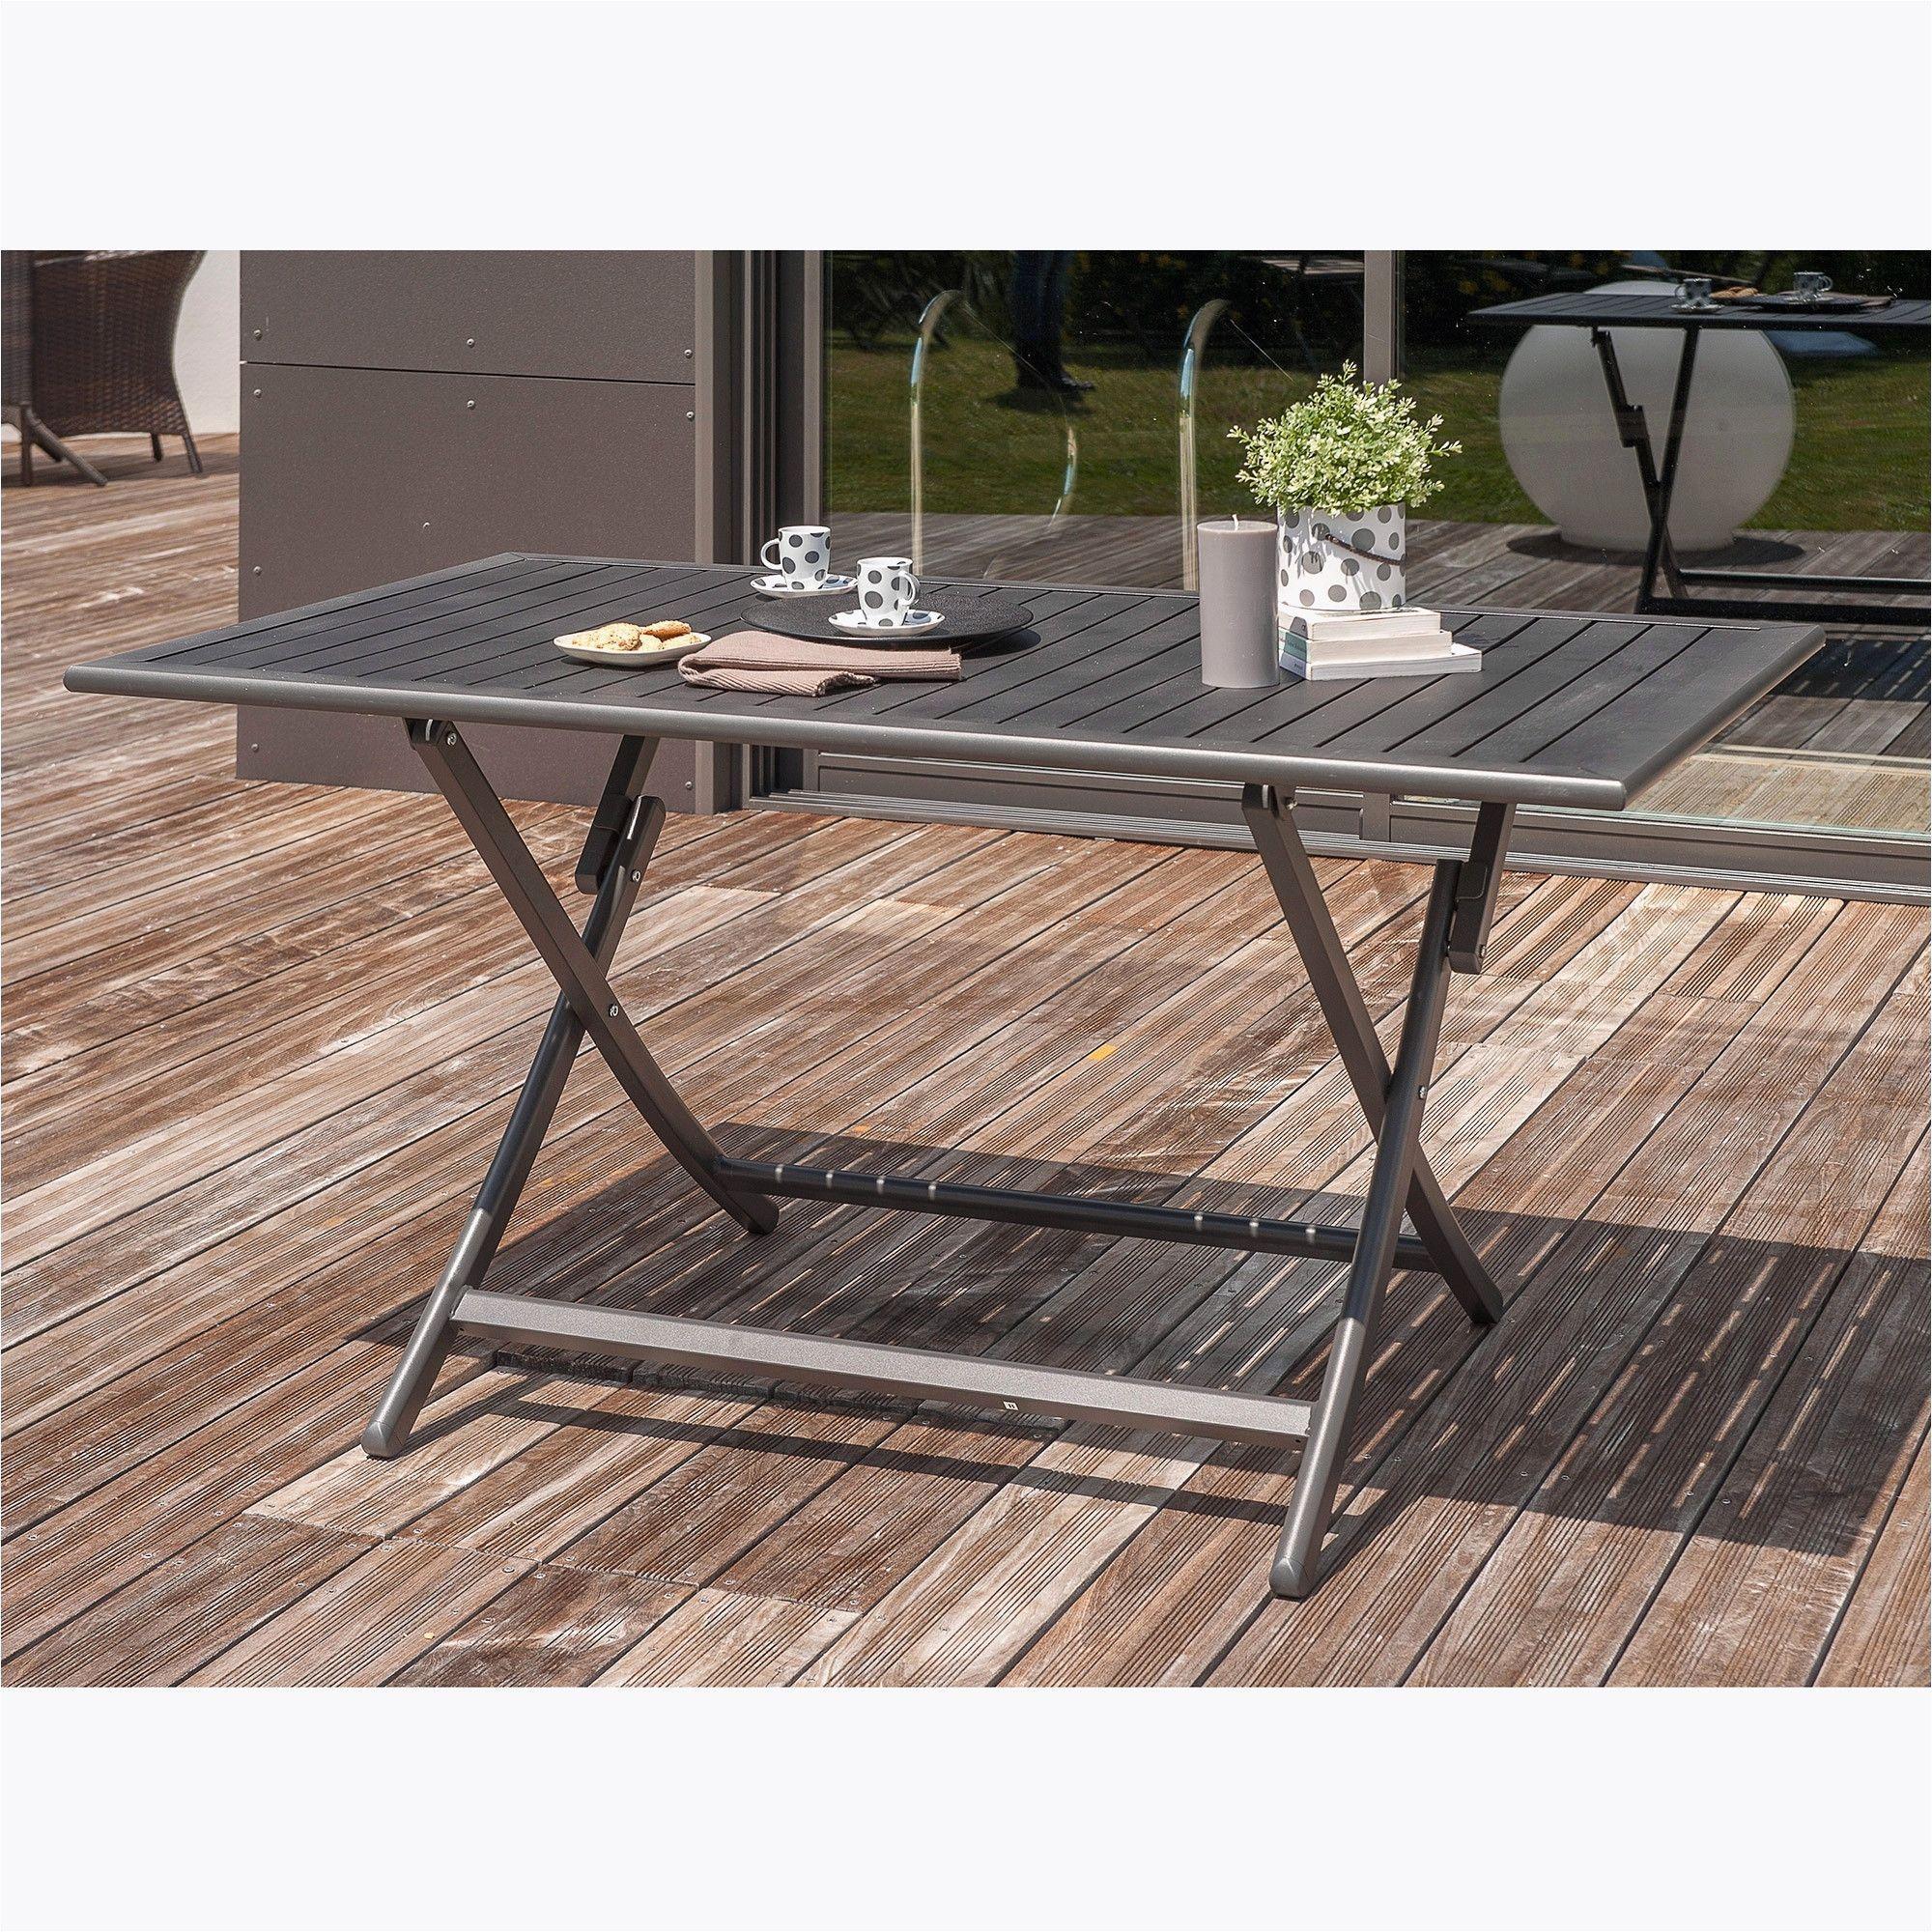 Table Pliante Leclerc Beau S Leclerc Table De Jardin ... concernant Leclerc Mobilier De Jardin